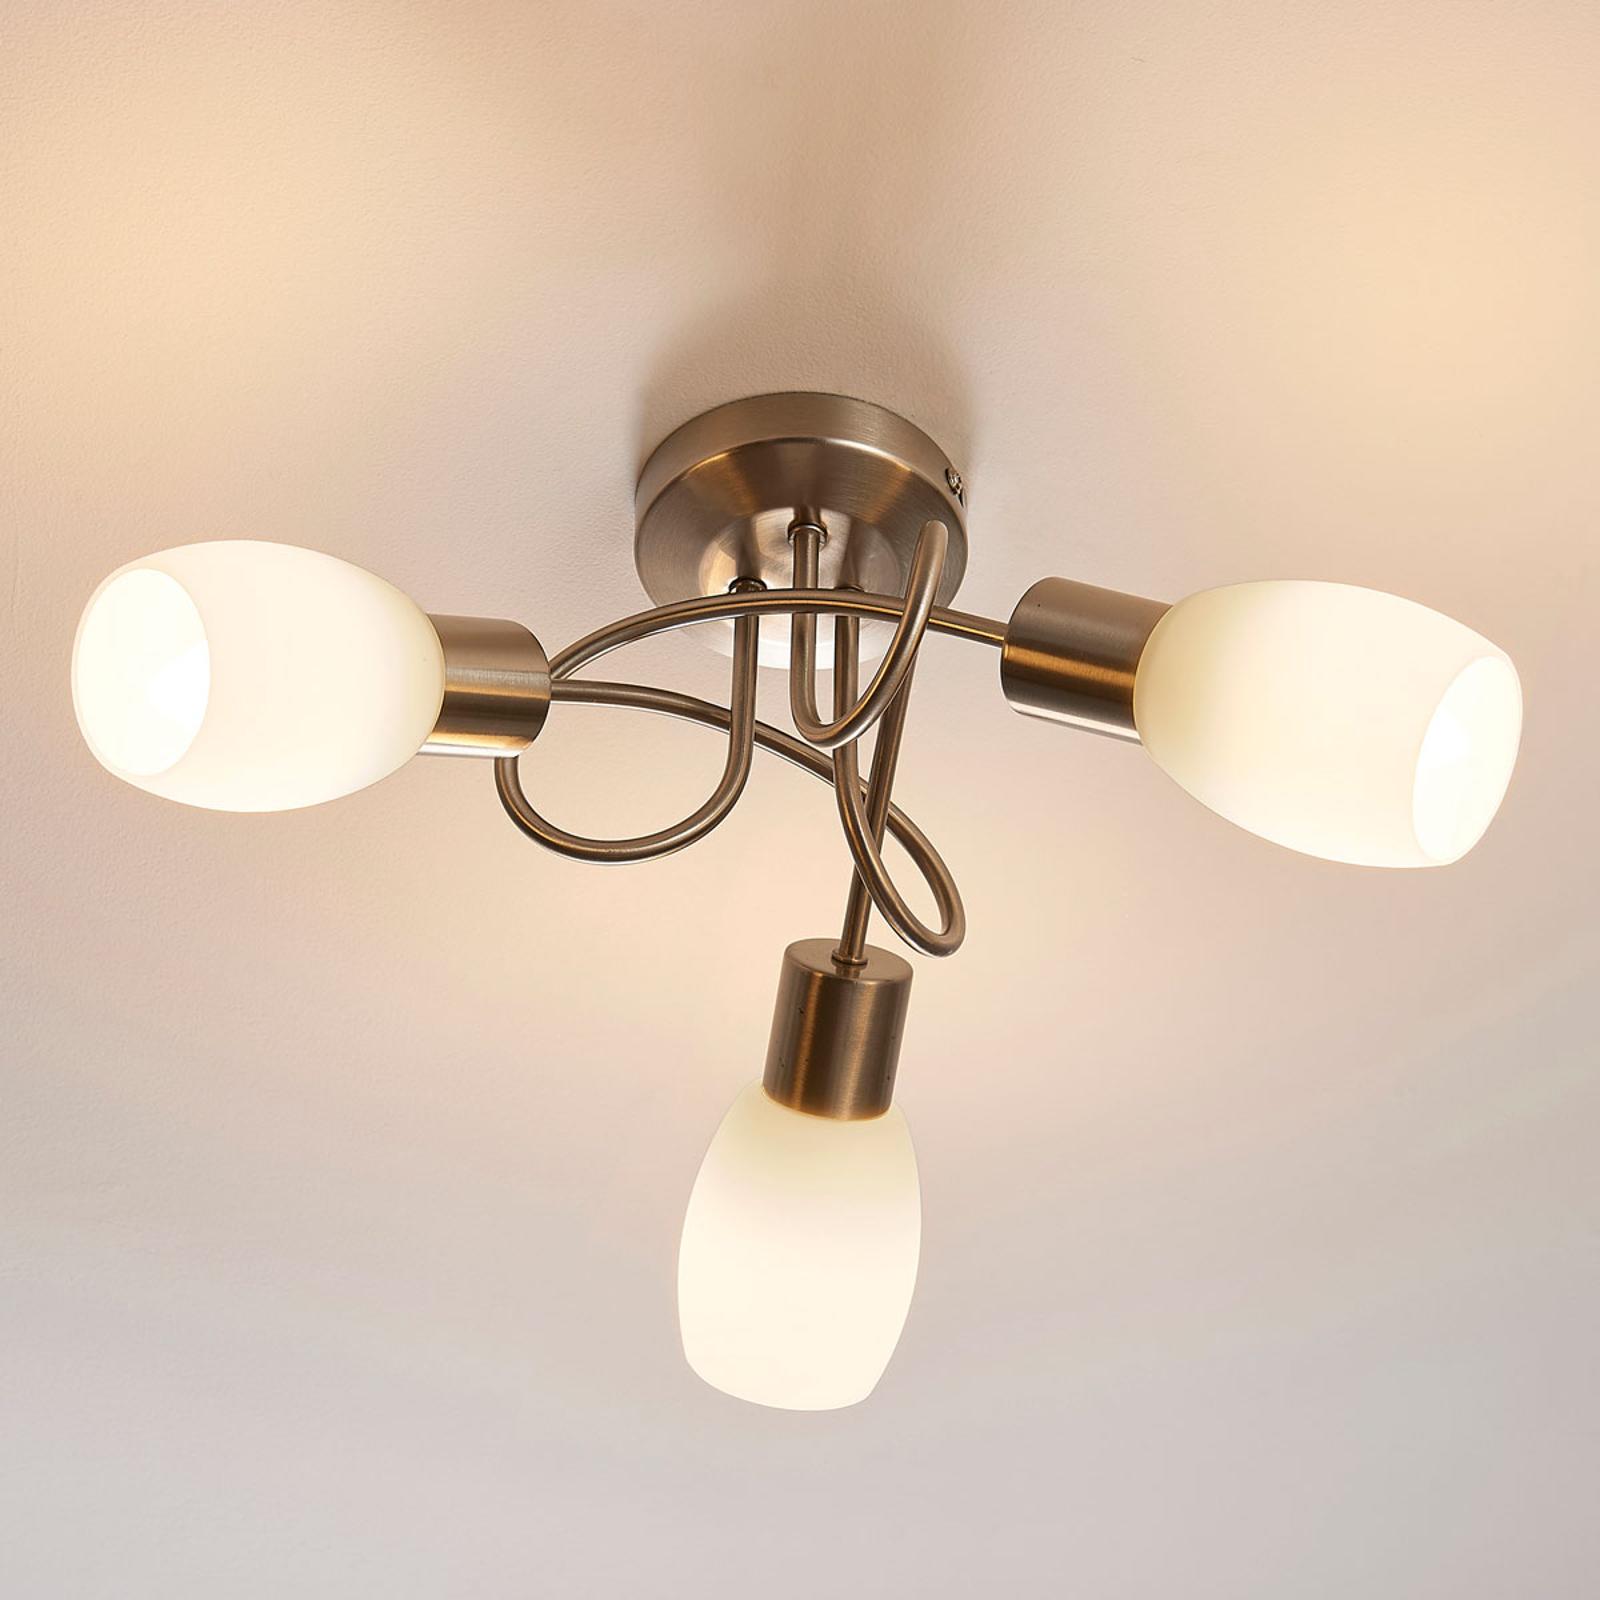 LED-Deckenlampe Arda, easydim 3-flammig rund